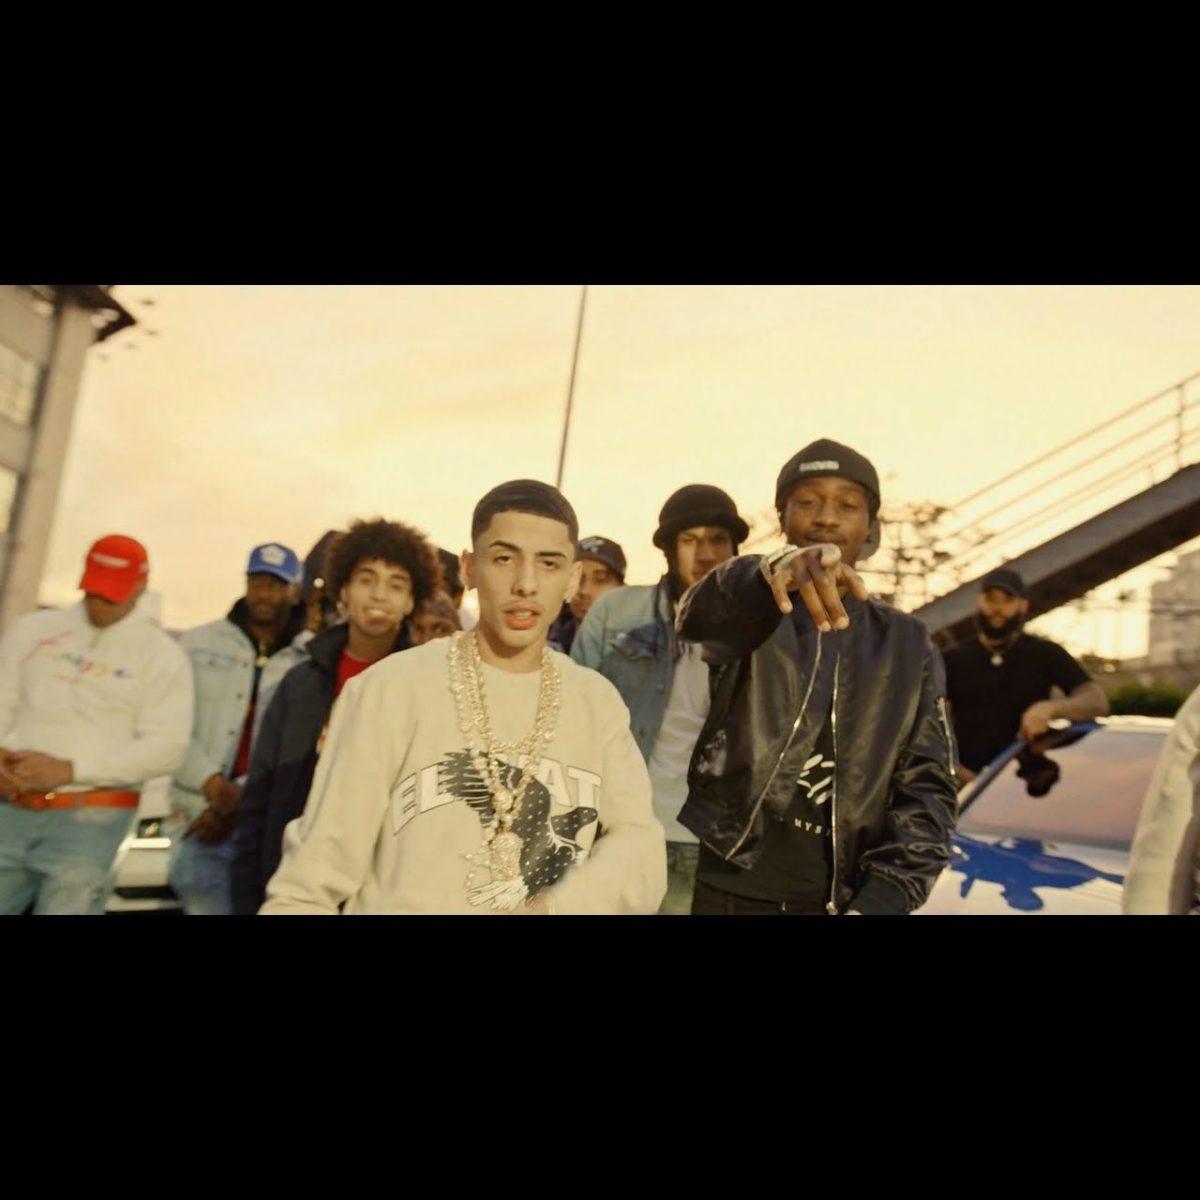 J.I. - Hood Scars 2 (ft. Lil Tjay) (Thumbnail)